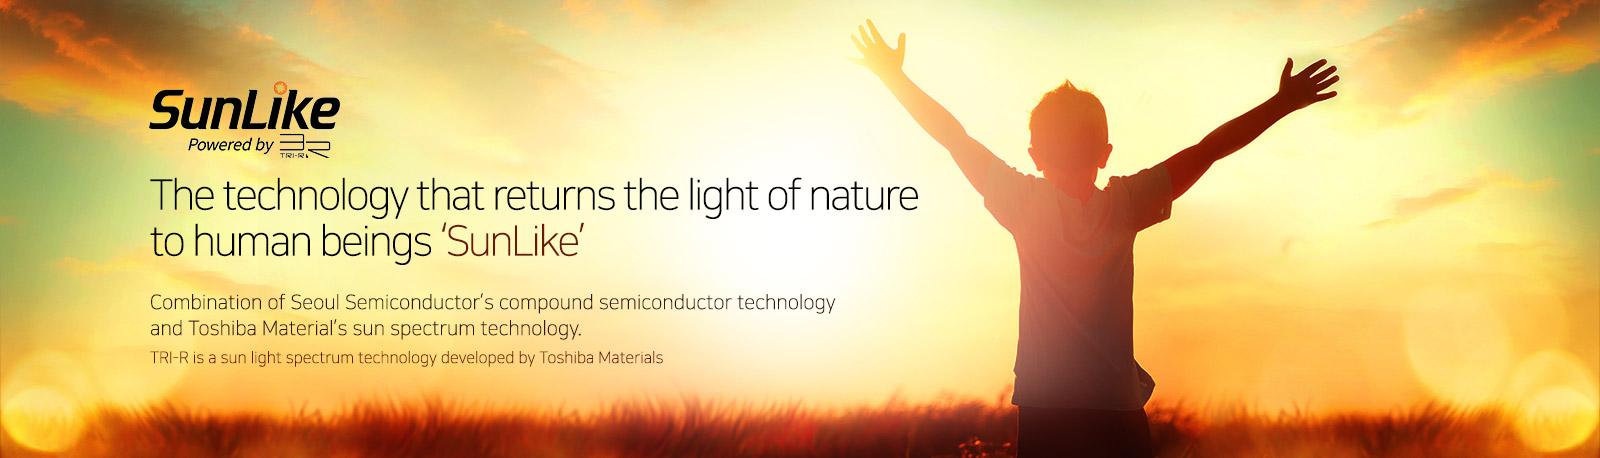 Tecnología LED SunLike de Seúl Semiconductor y Toshiba